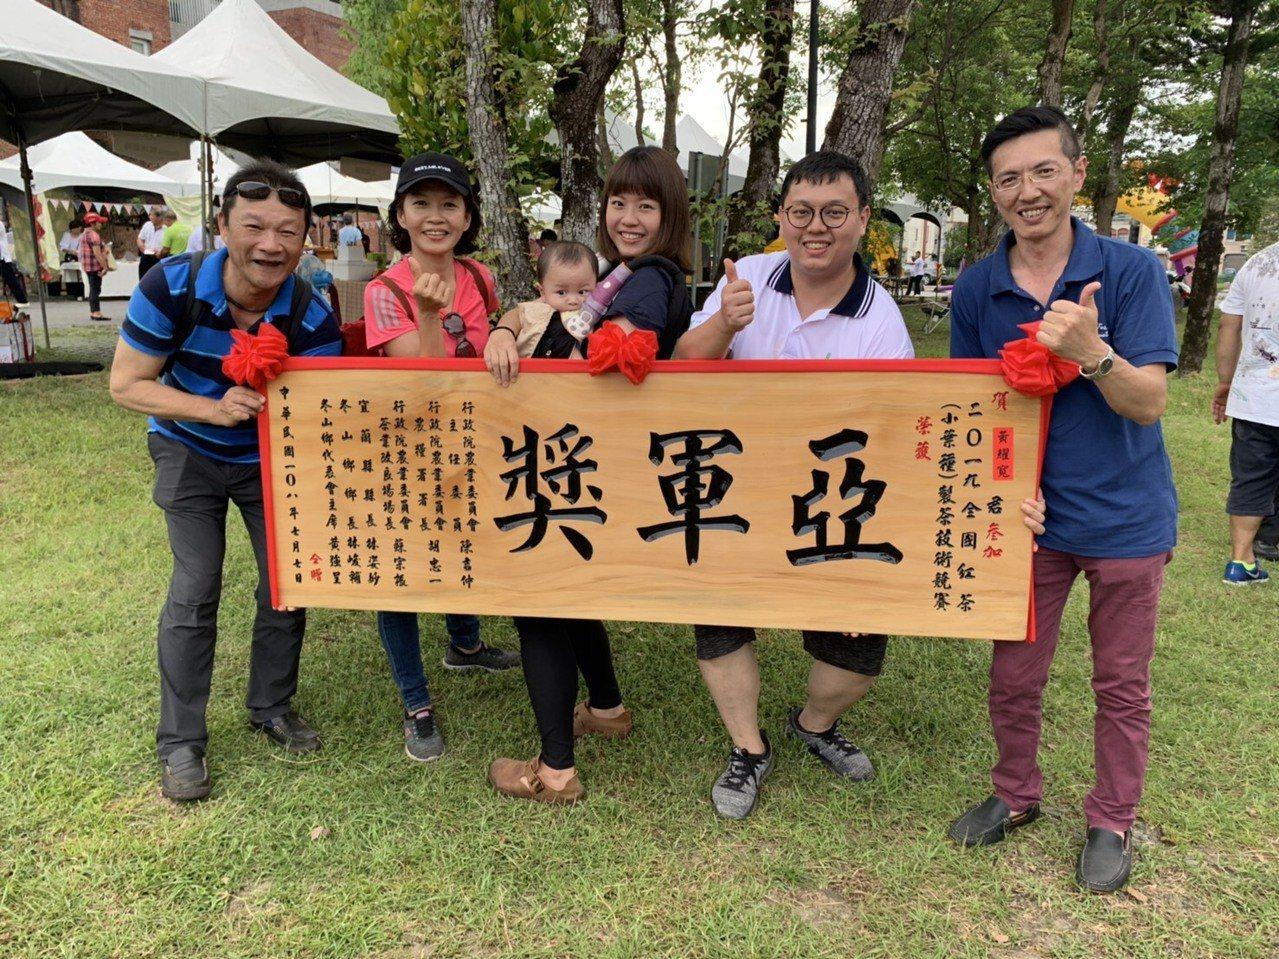 黃耀寬(右二)與家人及三峽農事指導員合影。圖/新北市農業局提供